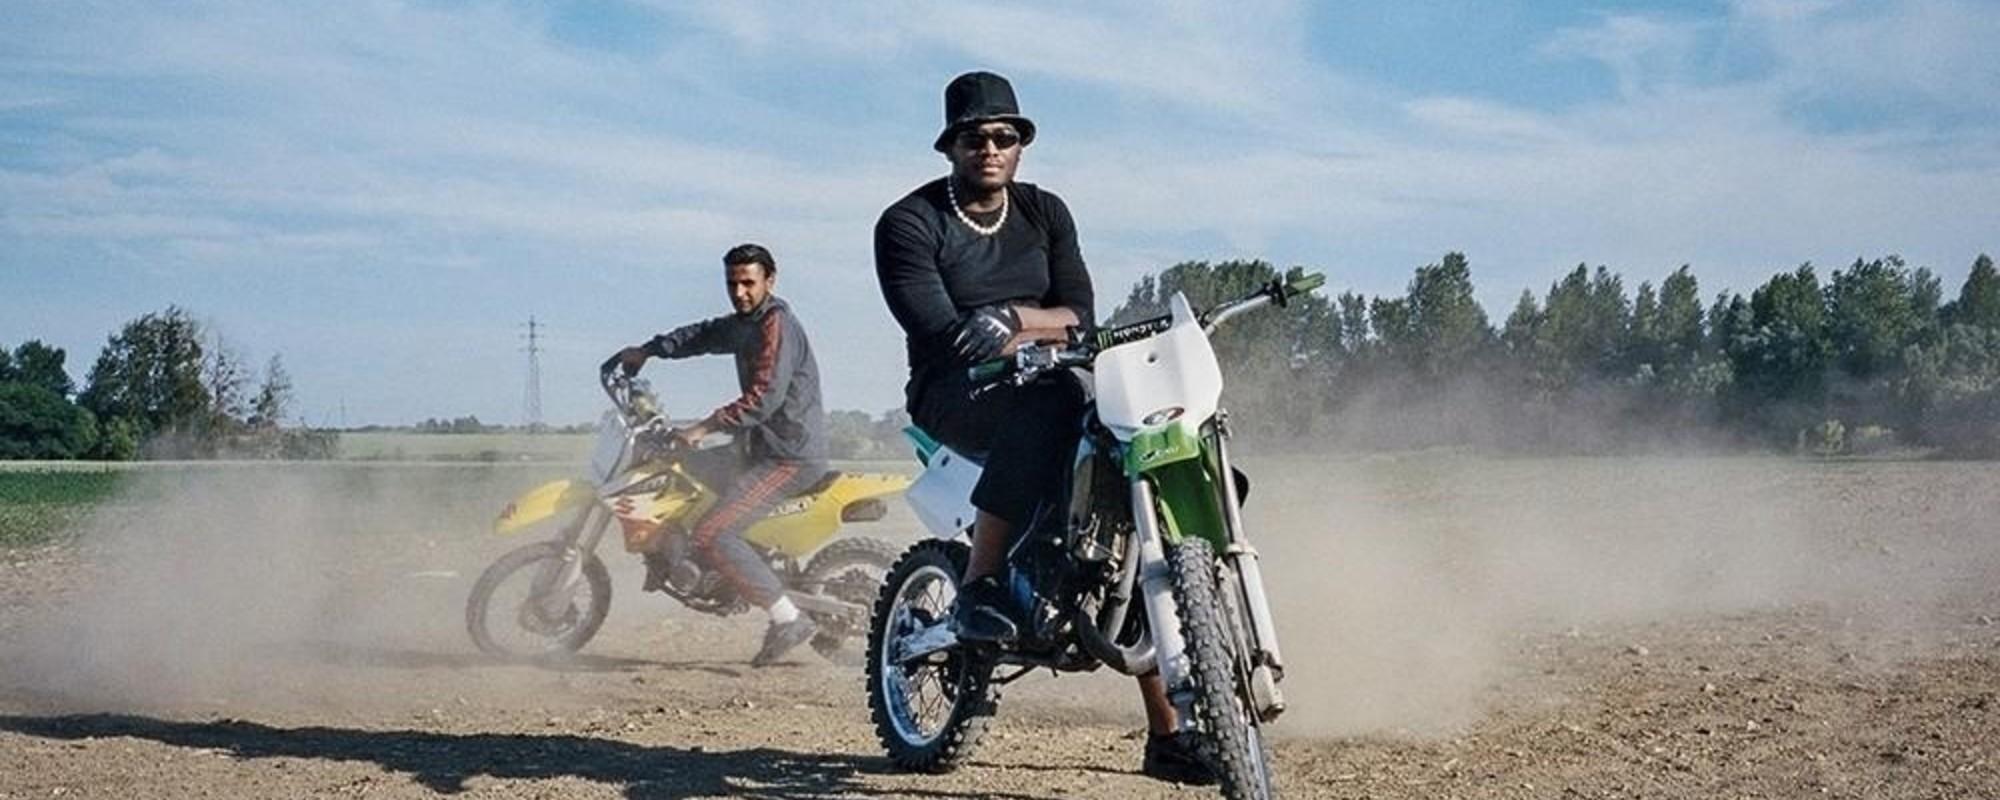 Die Pariser Dirty Riderz